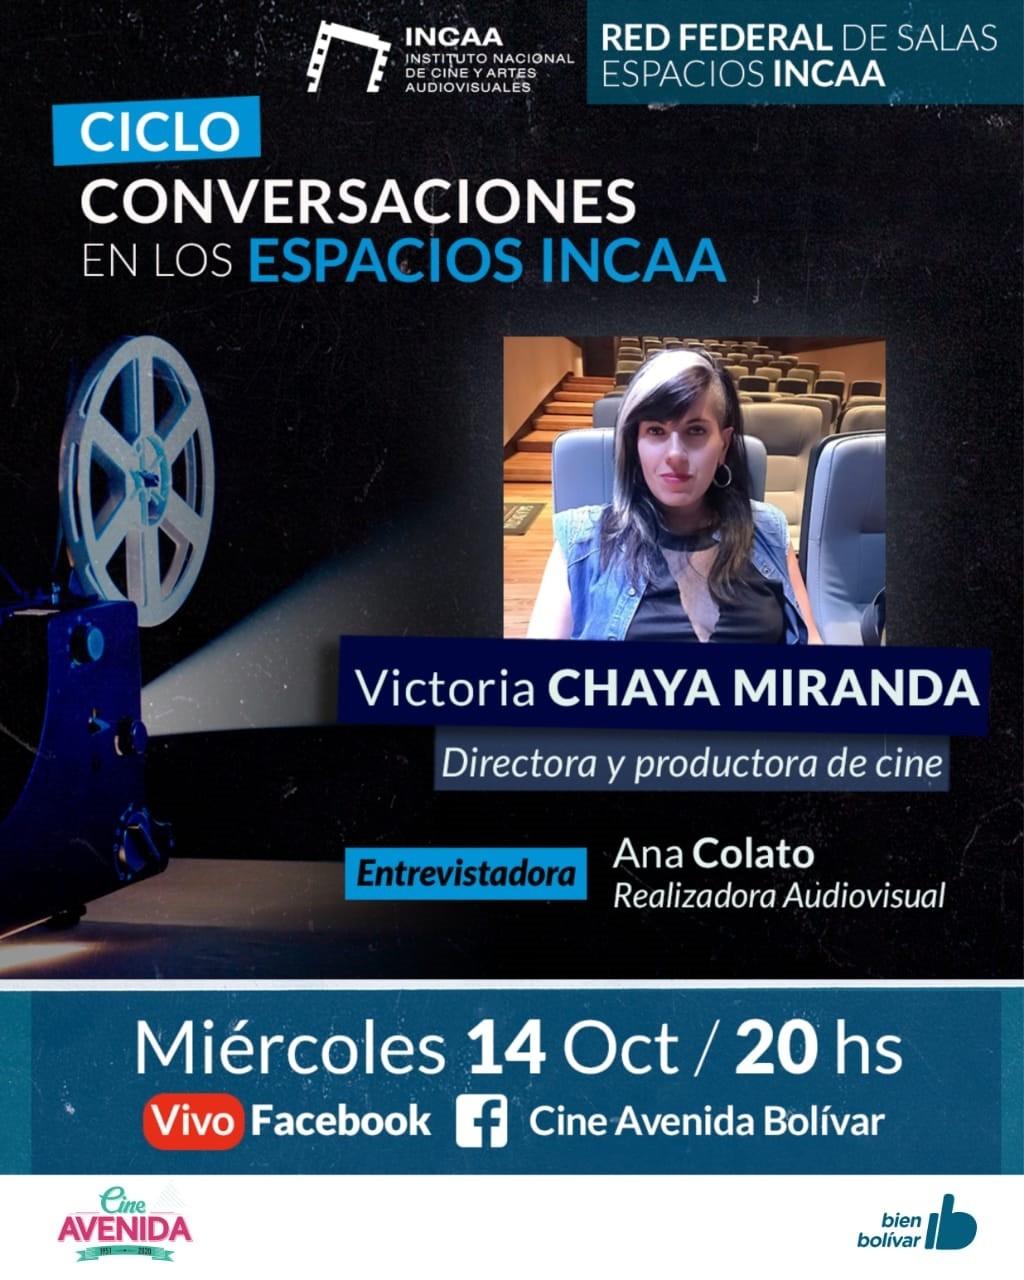 Chaya Miranda, hija de una bolivarense llega al Cine Avenida a través de los espacios INCAA